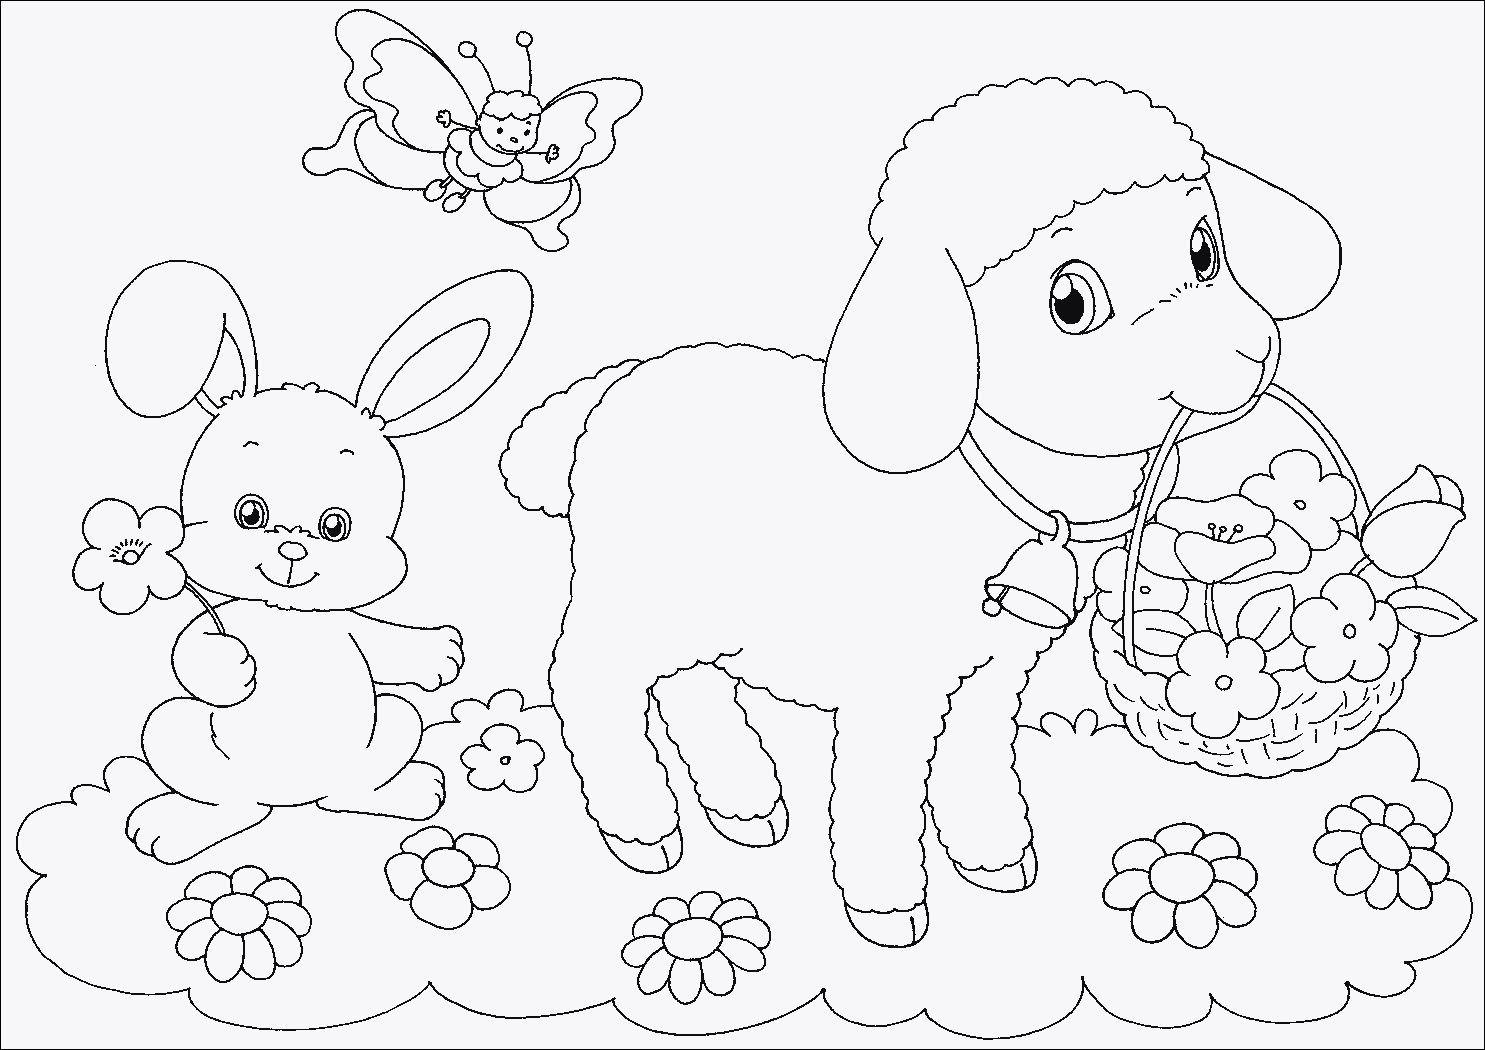 Ausmalbilder Minnie Maus Frisch Hunde Ausmalbilder Zum Ausdrucken Schön Malvorlagen Minnie Mouse Fotografieren